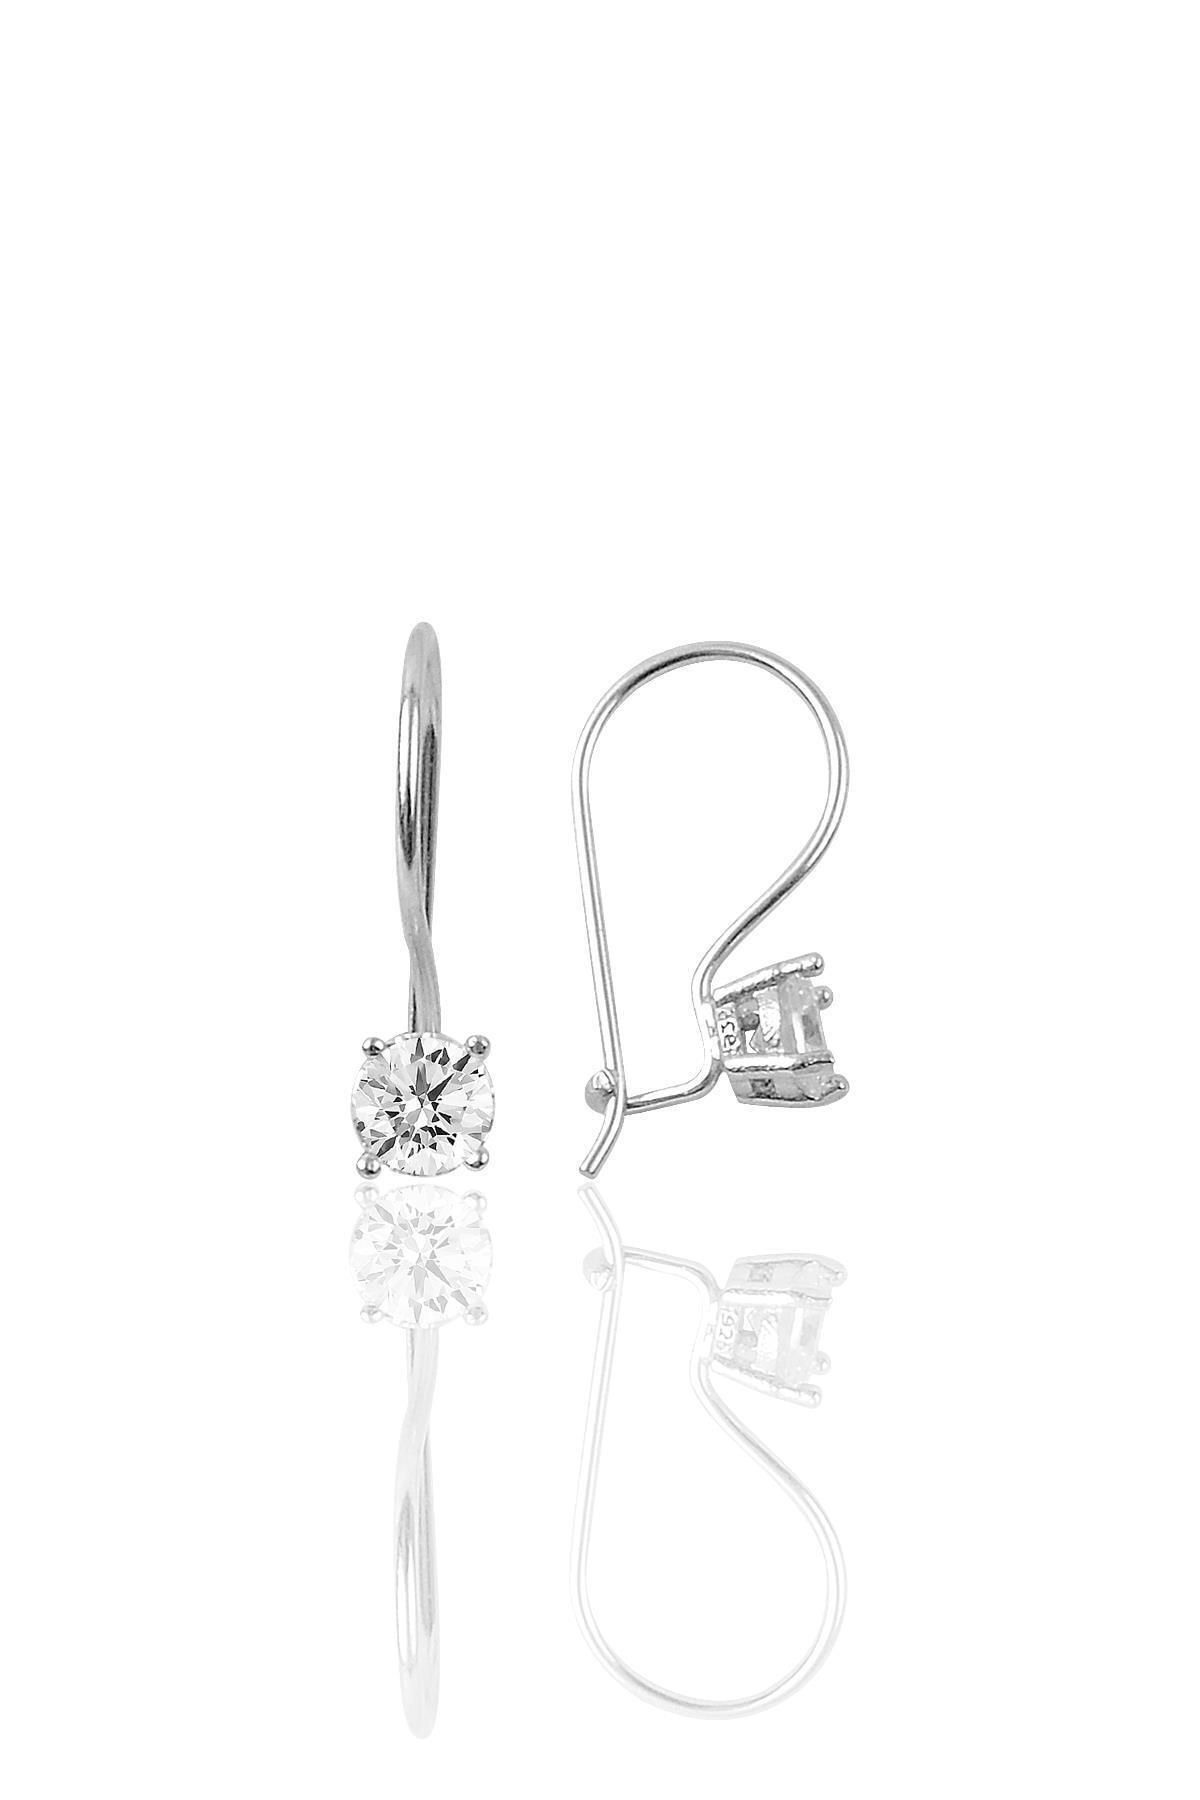 Söğütlü Silver Gümüş Pılanta Modeli Çengelli Tek Taş Küpe 1